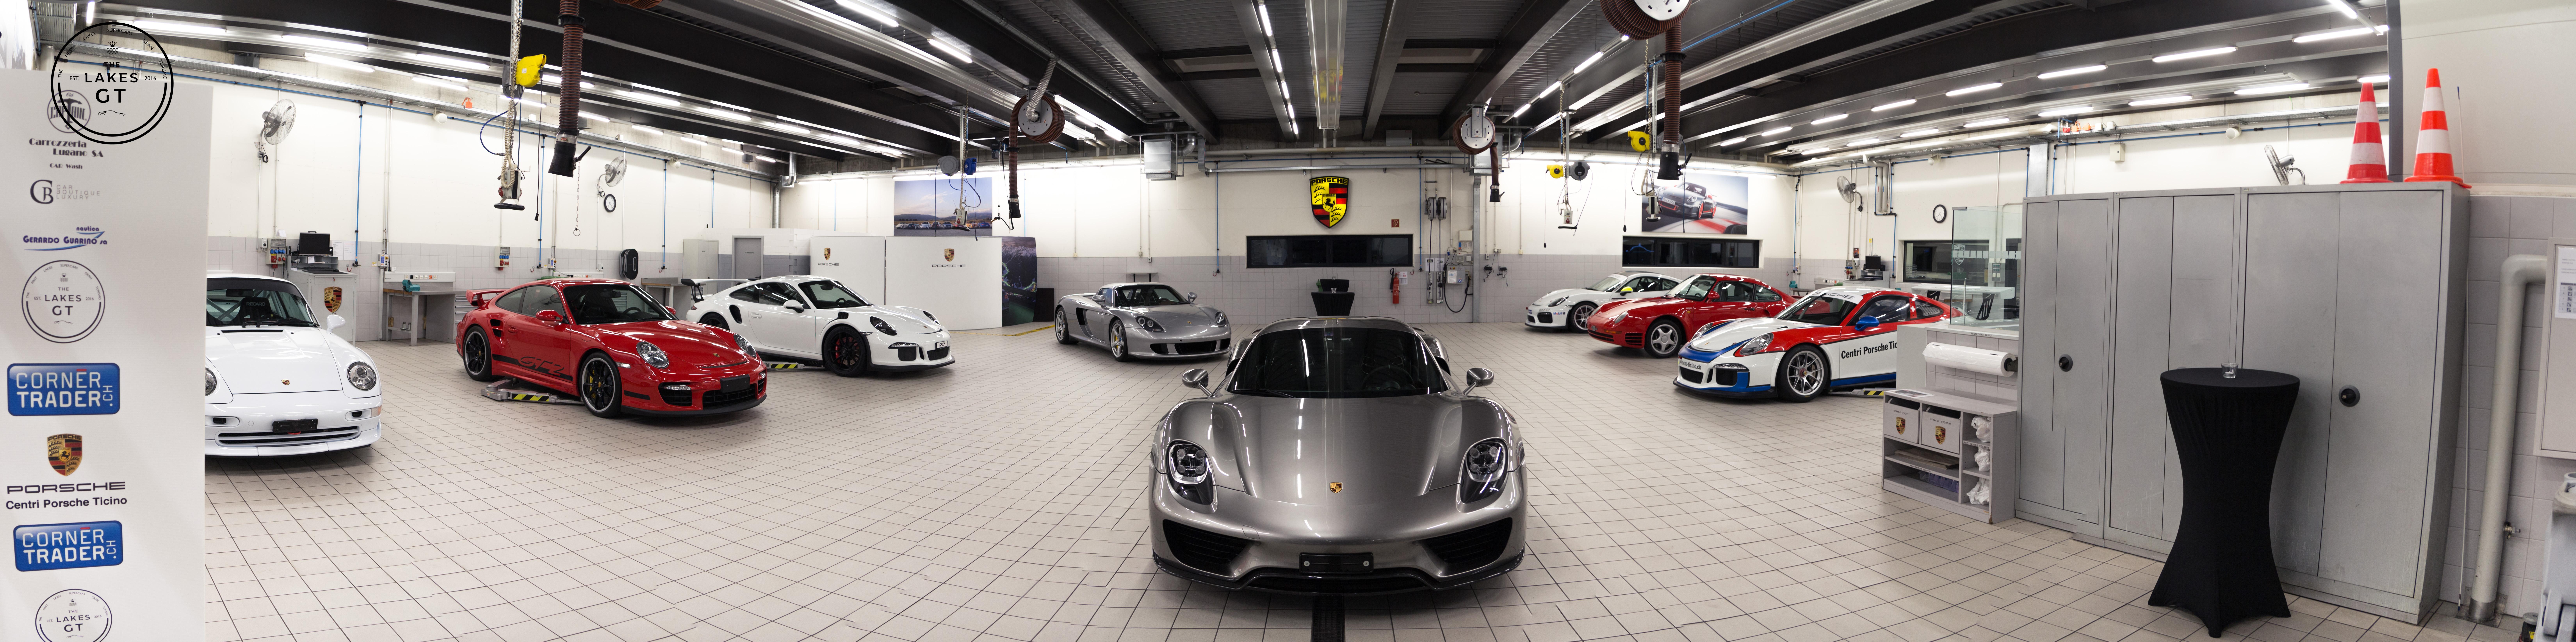 Evento Centri Porsche Ticino